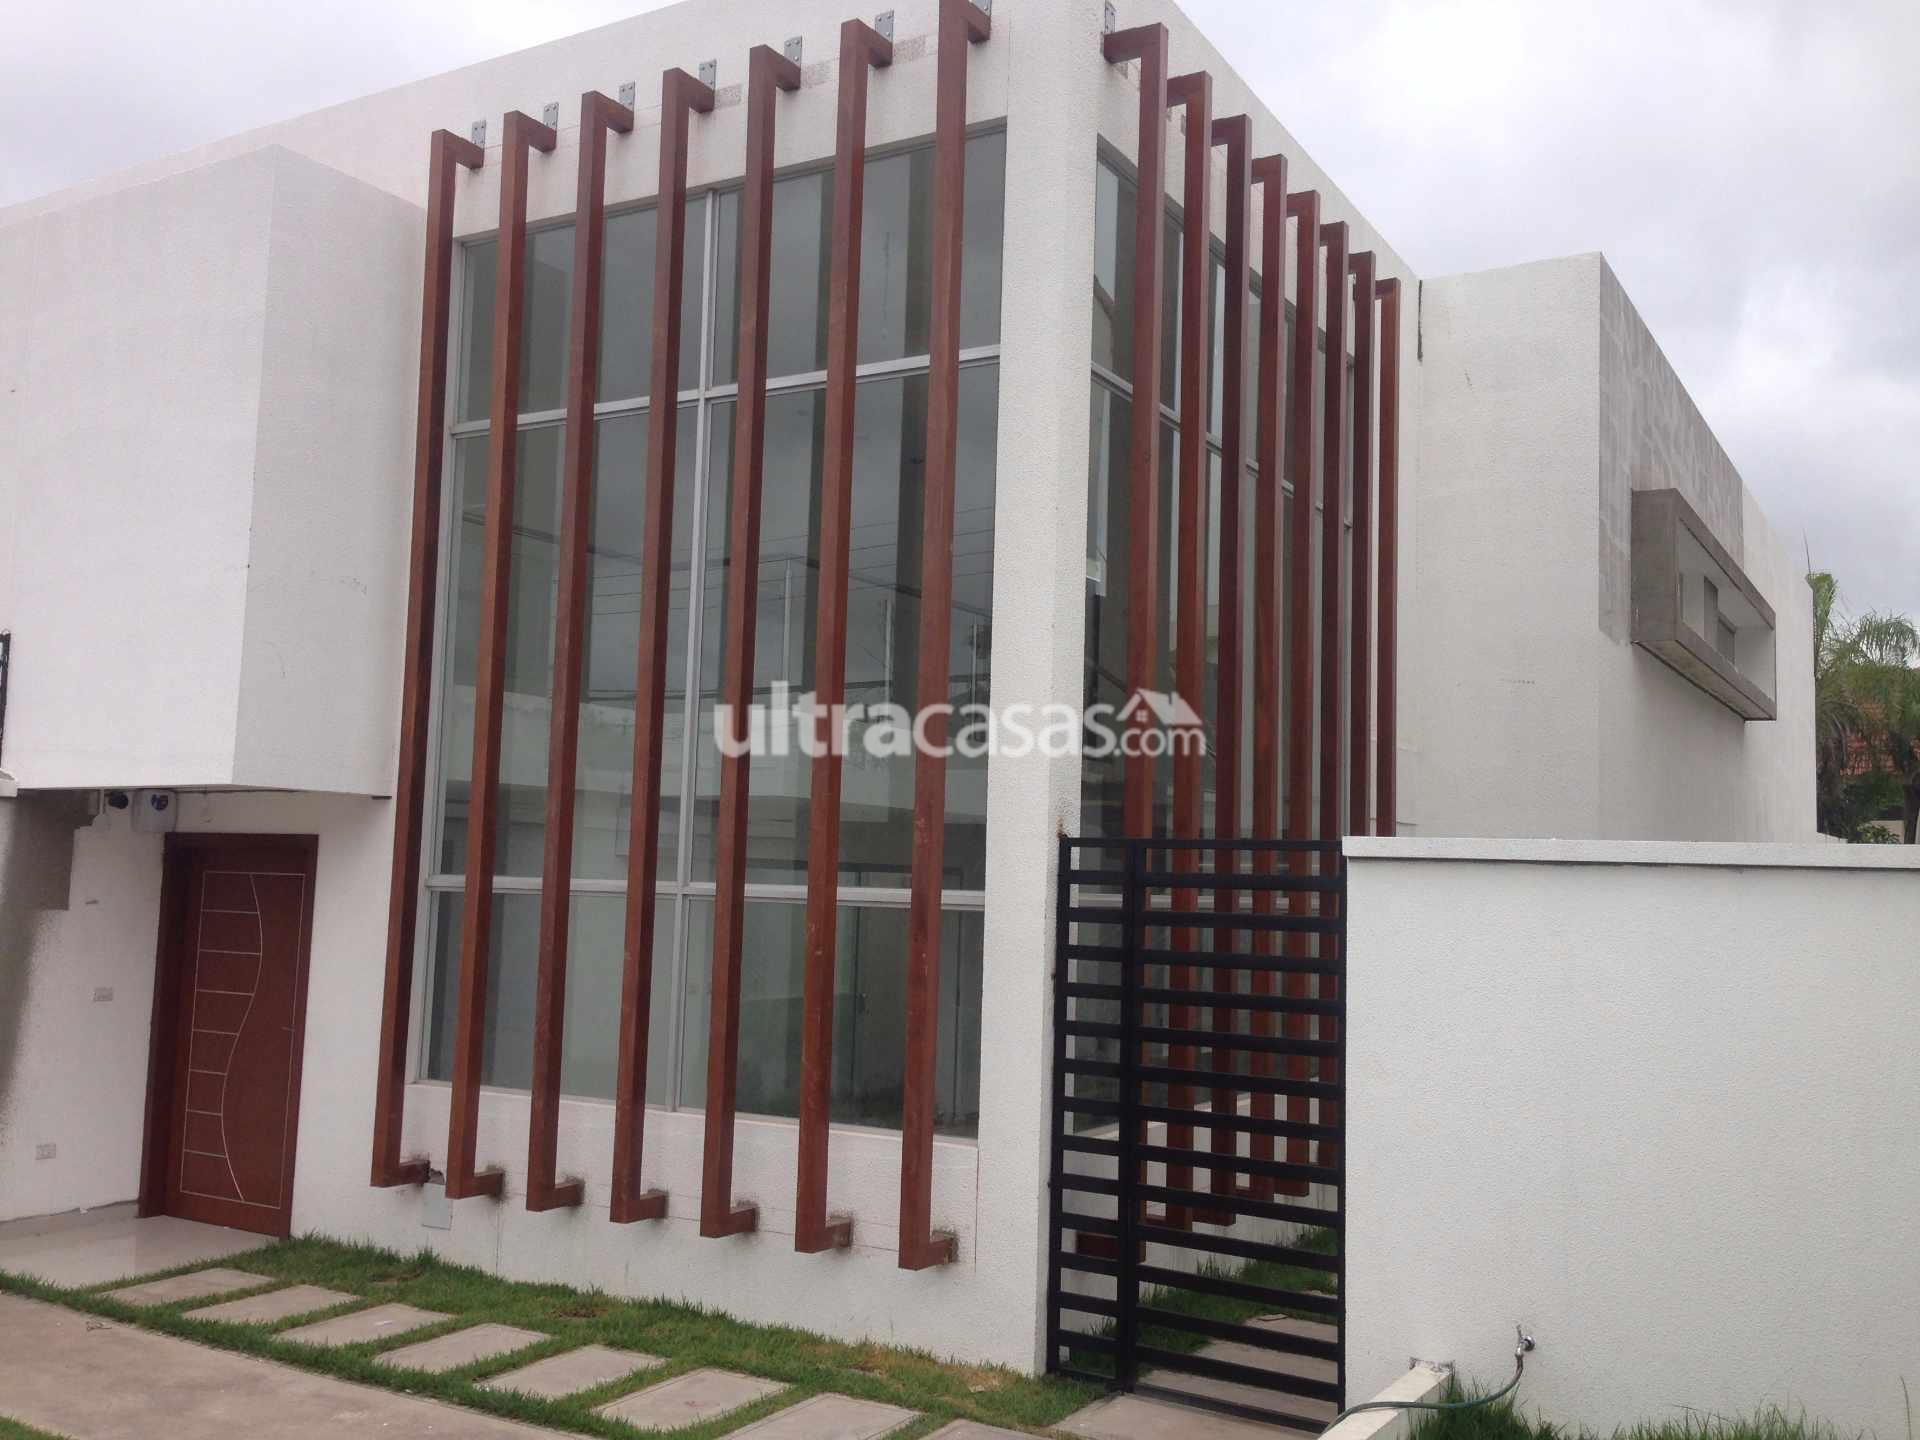 Casa en Venta Las Palmas, entre 3er y 4to anillo (1 cuadra de la Av. Piraí y a 4 cuadras del 4to Anillo) Foto 12